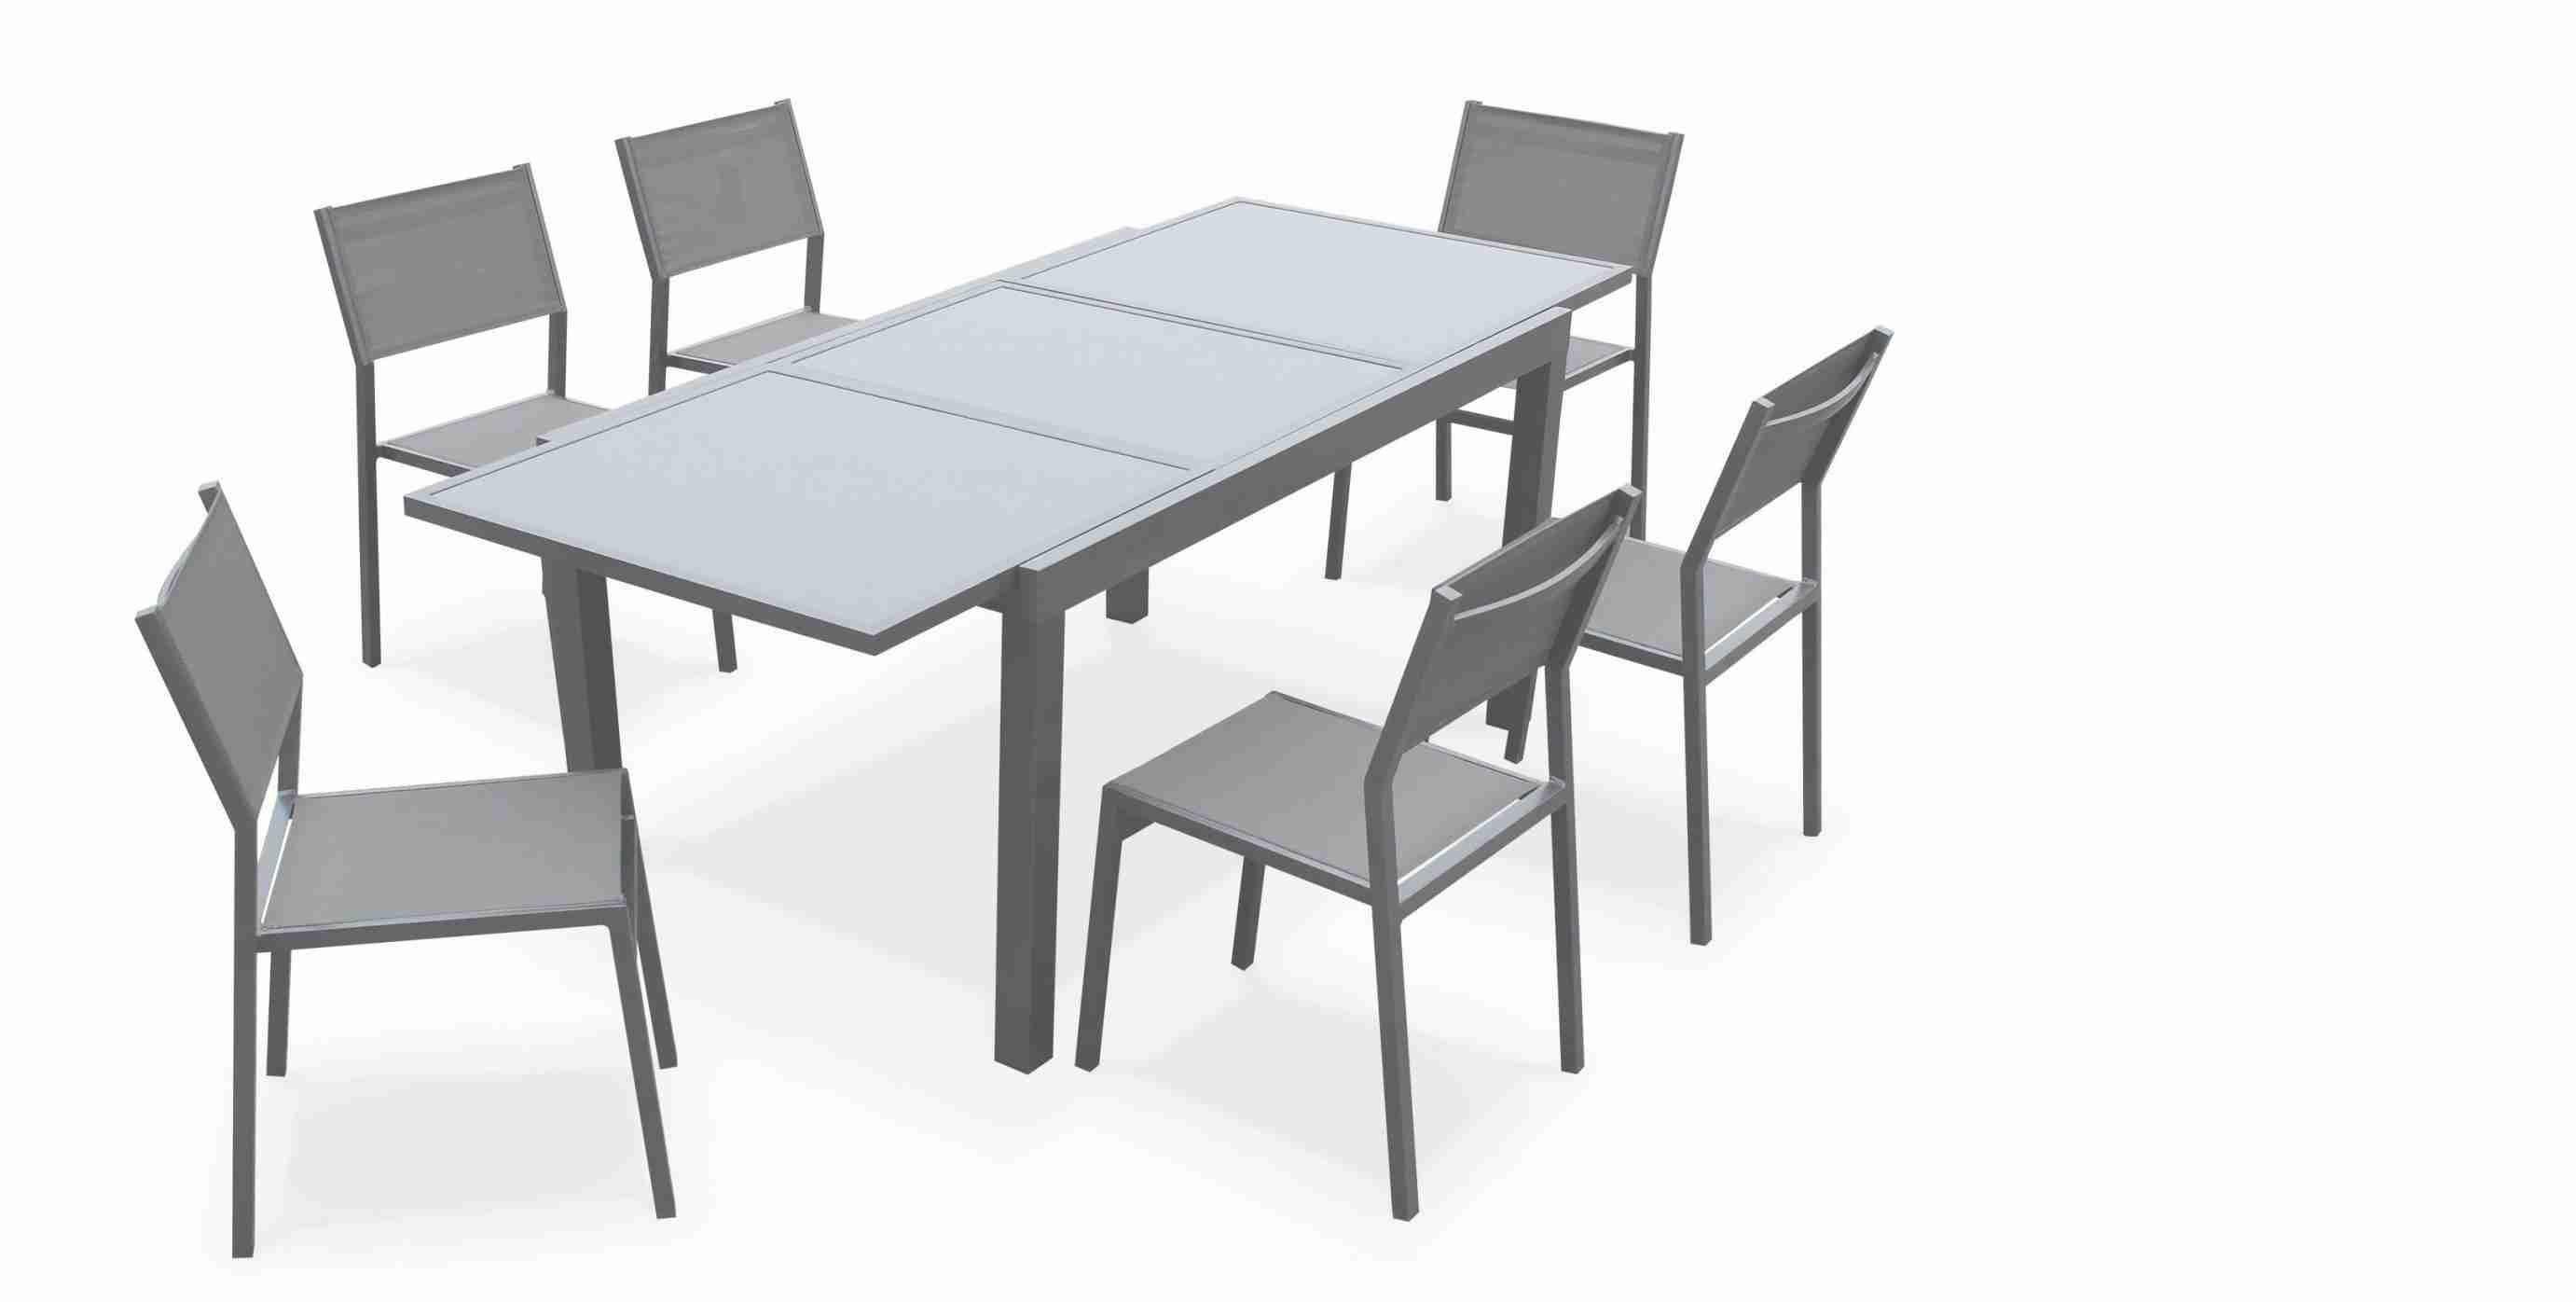 39 Cher Table De Jardin Avec Chaise Pas Cher Di 2020 intérieur Table De Jardin En Aluminium